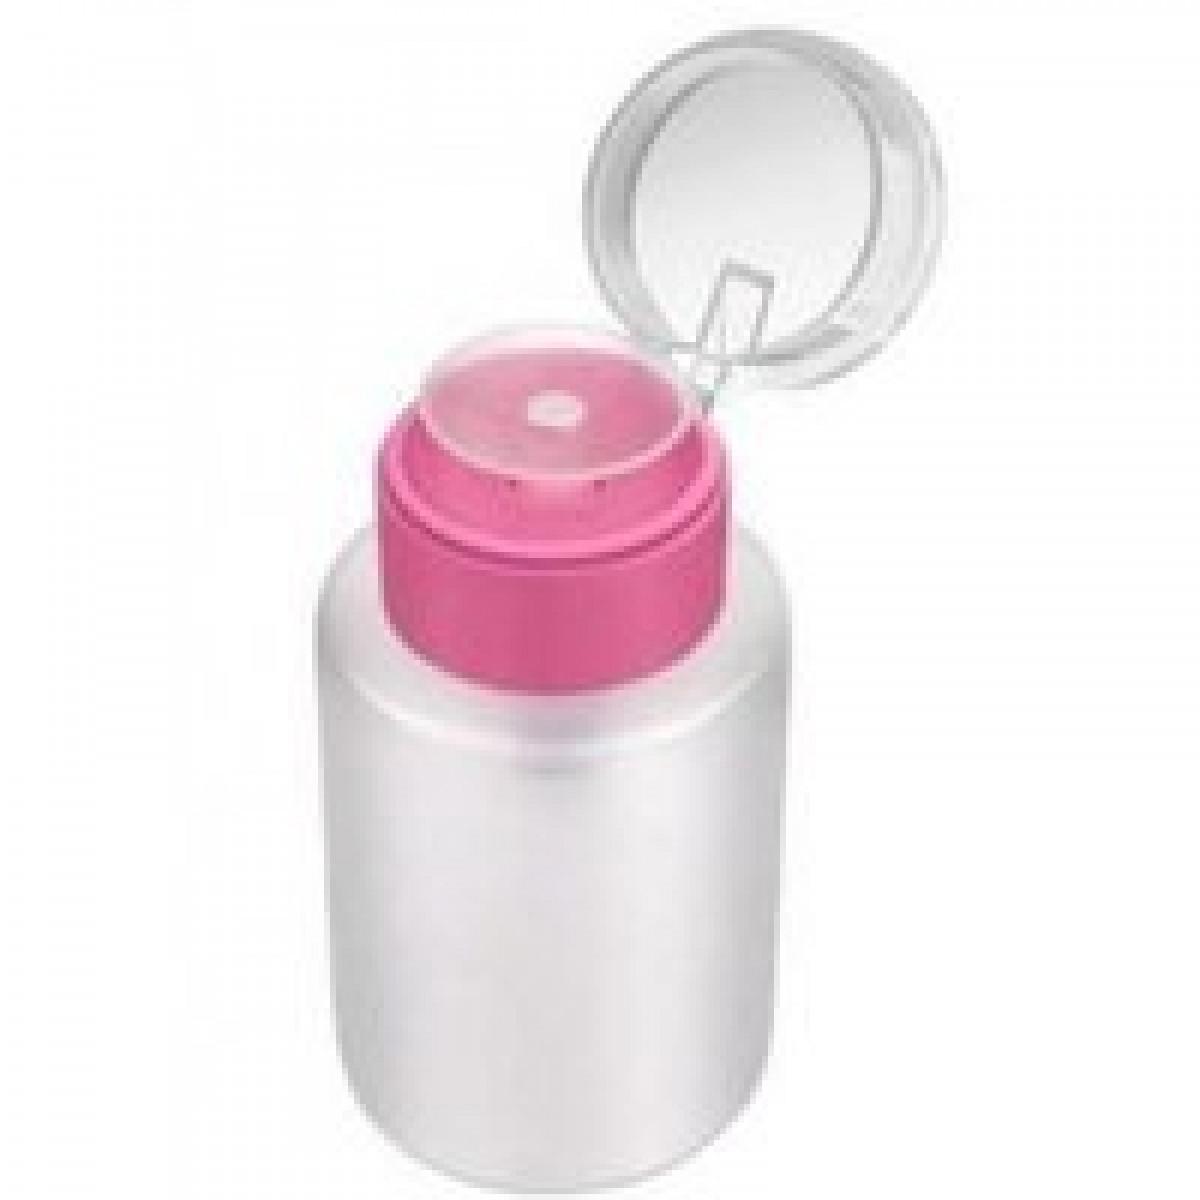 Помпа для жидкости с розовым горлышком